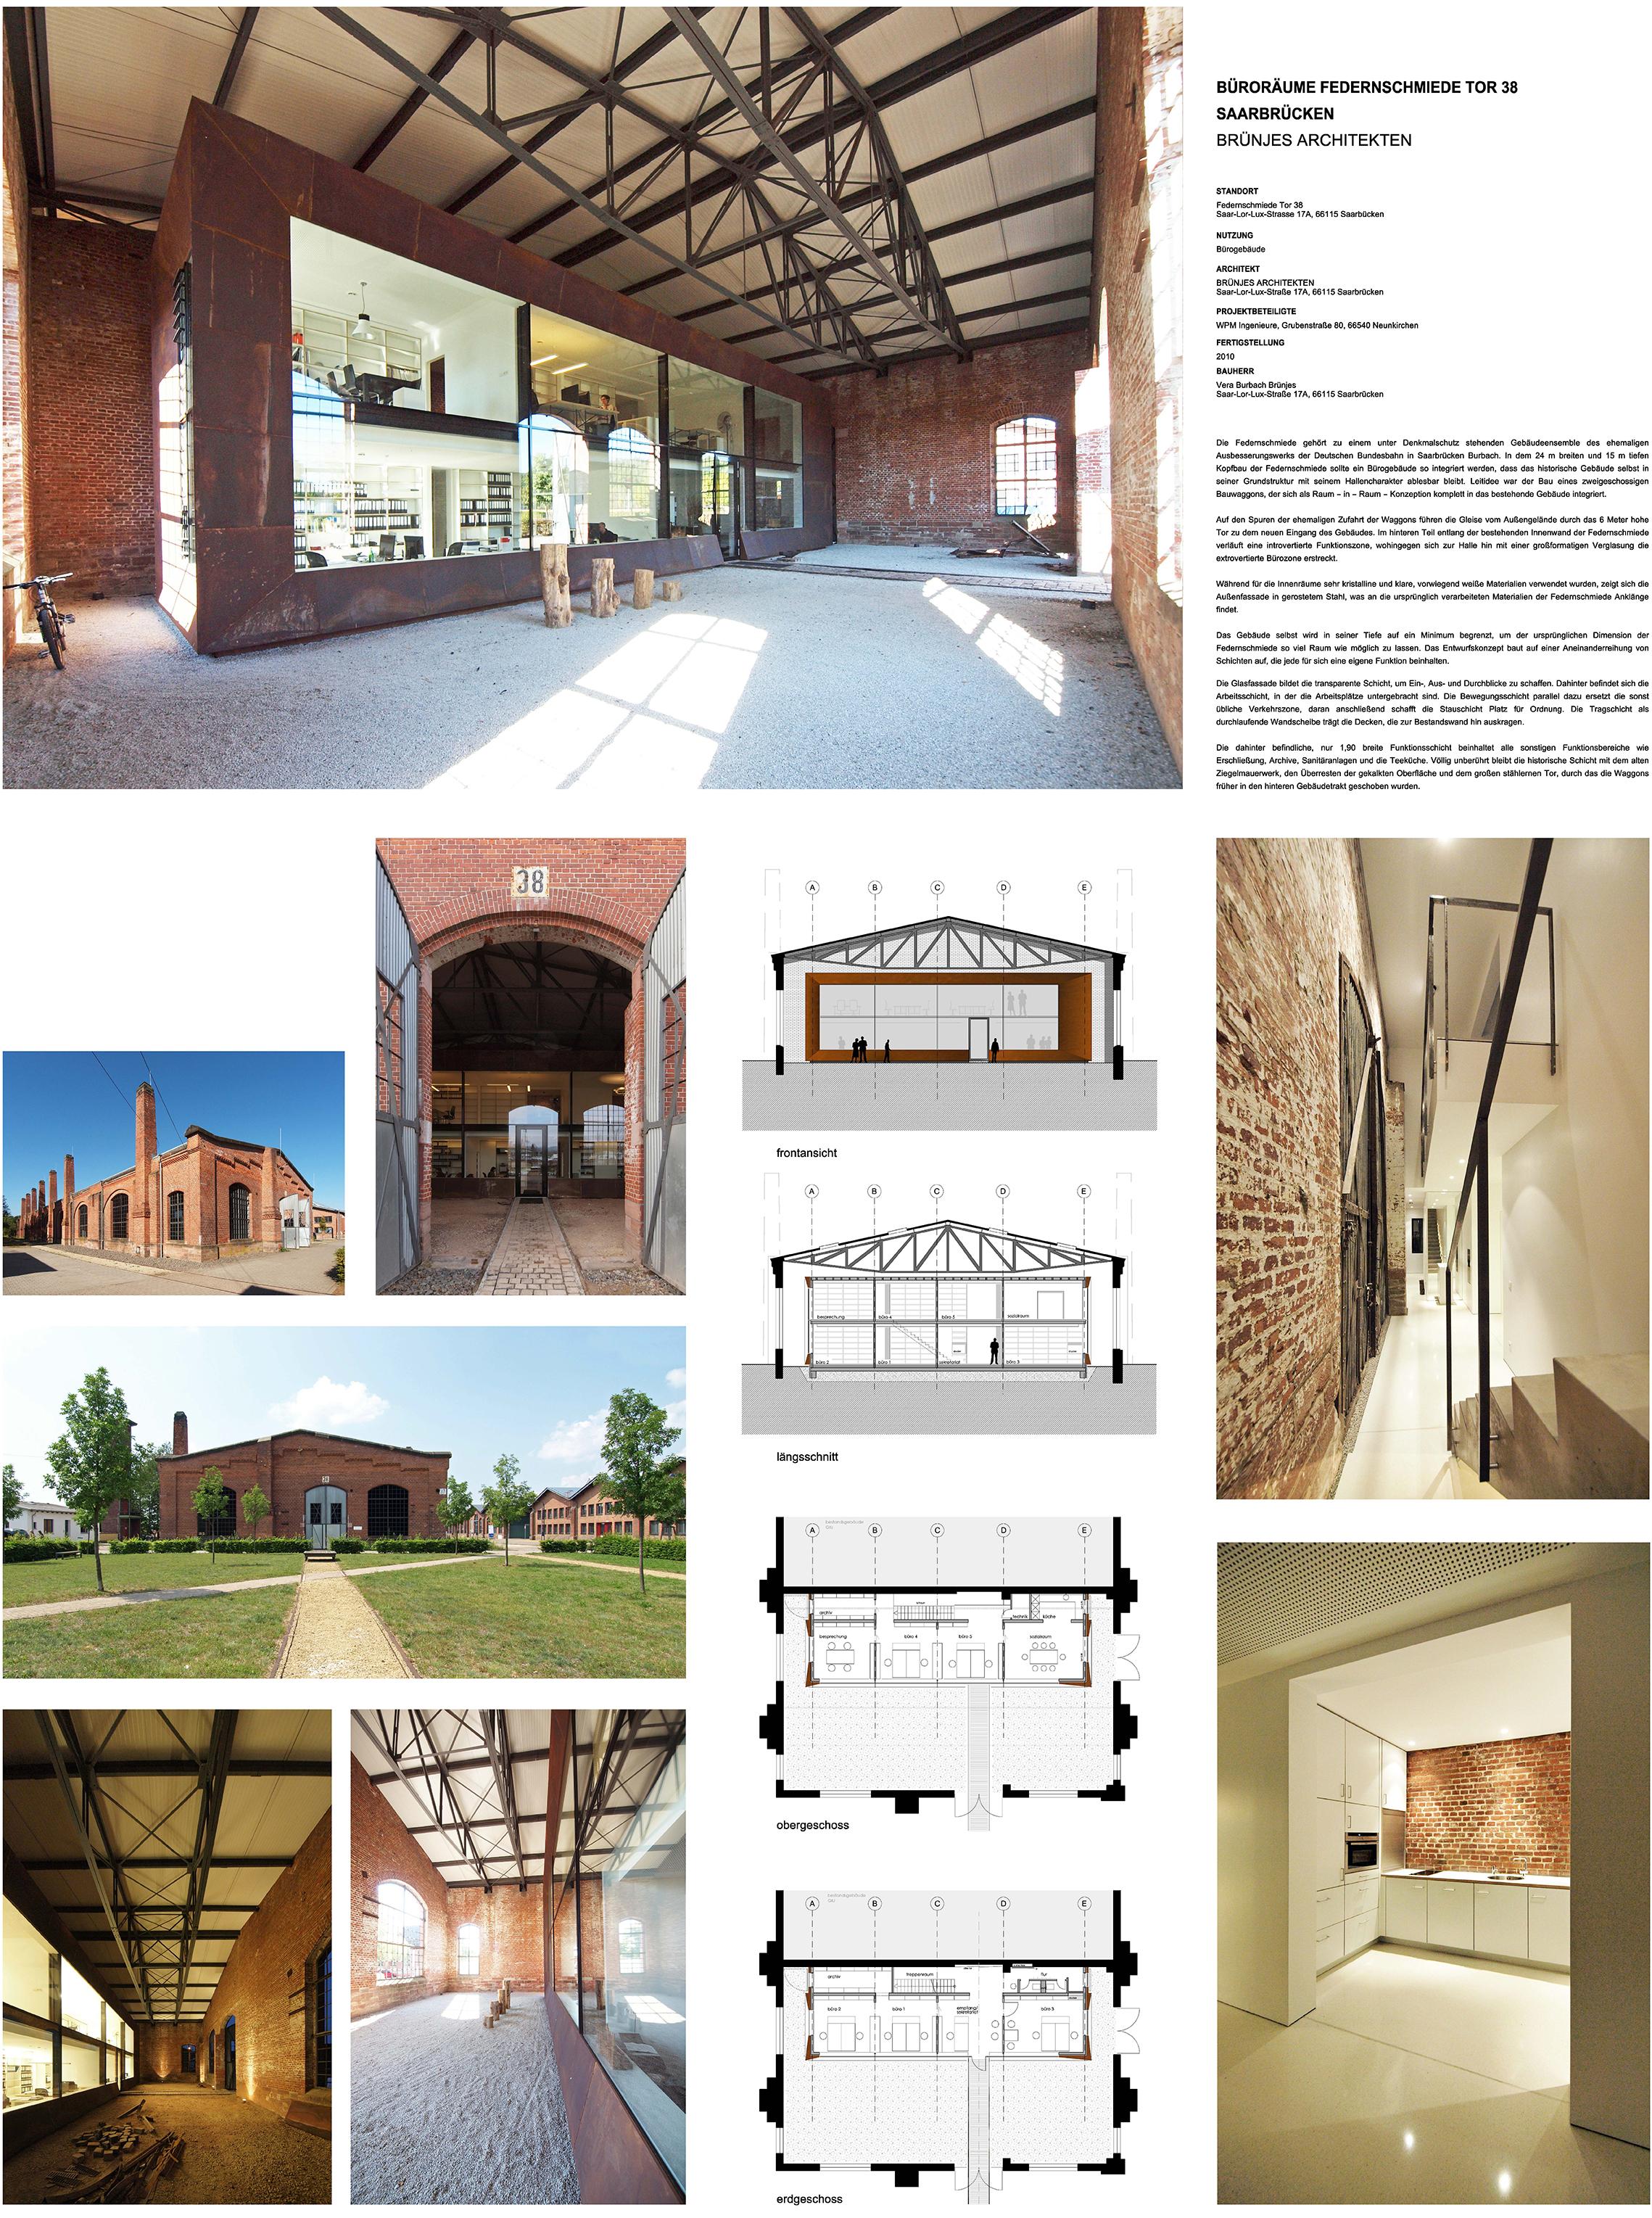 Architekt Saarbrücken einreichungen 2017